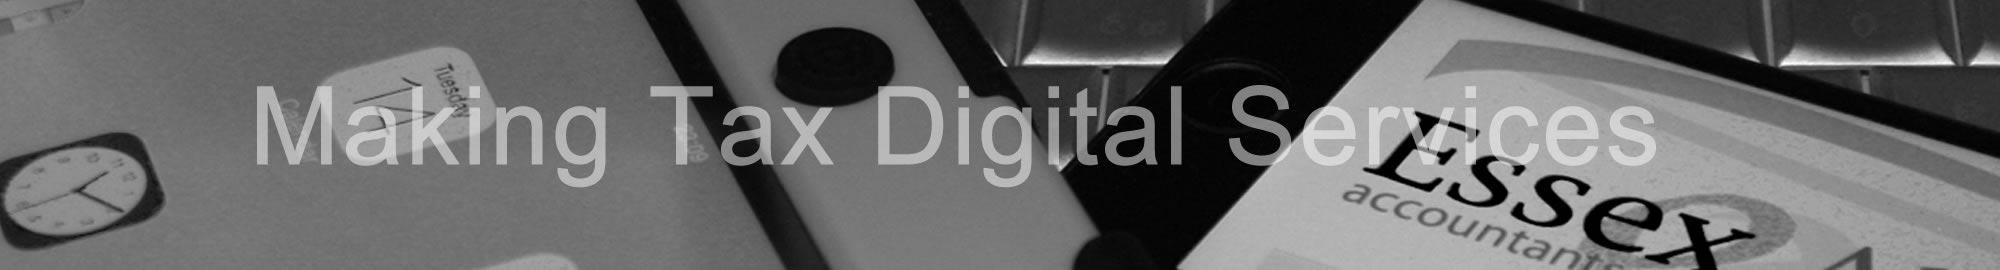 making tax digital services